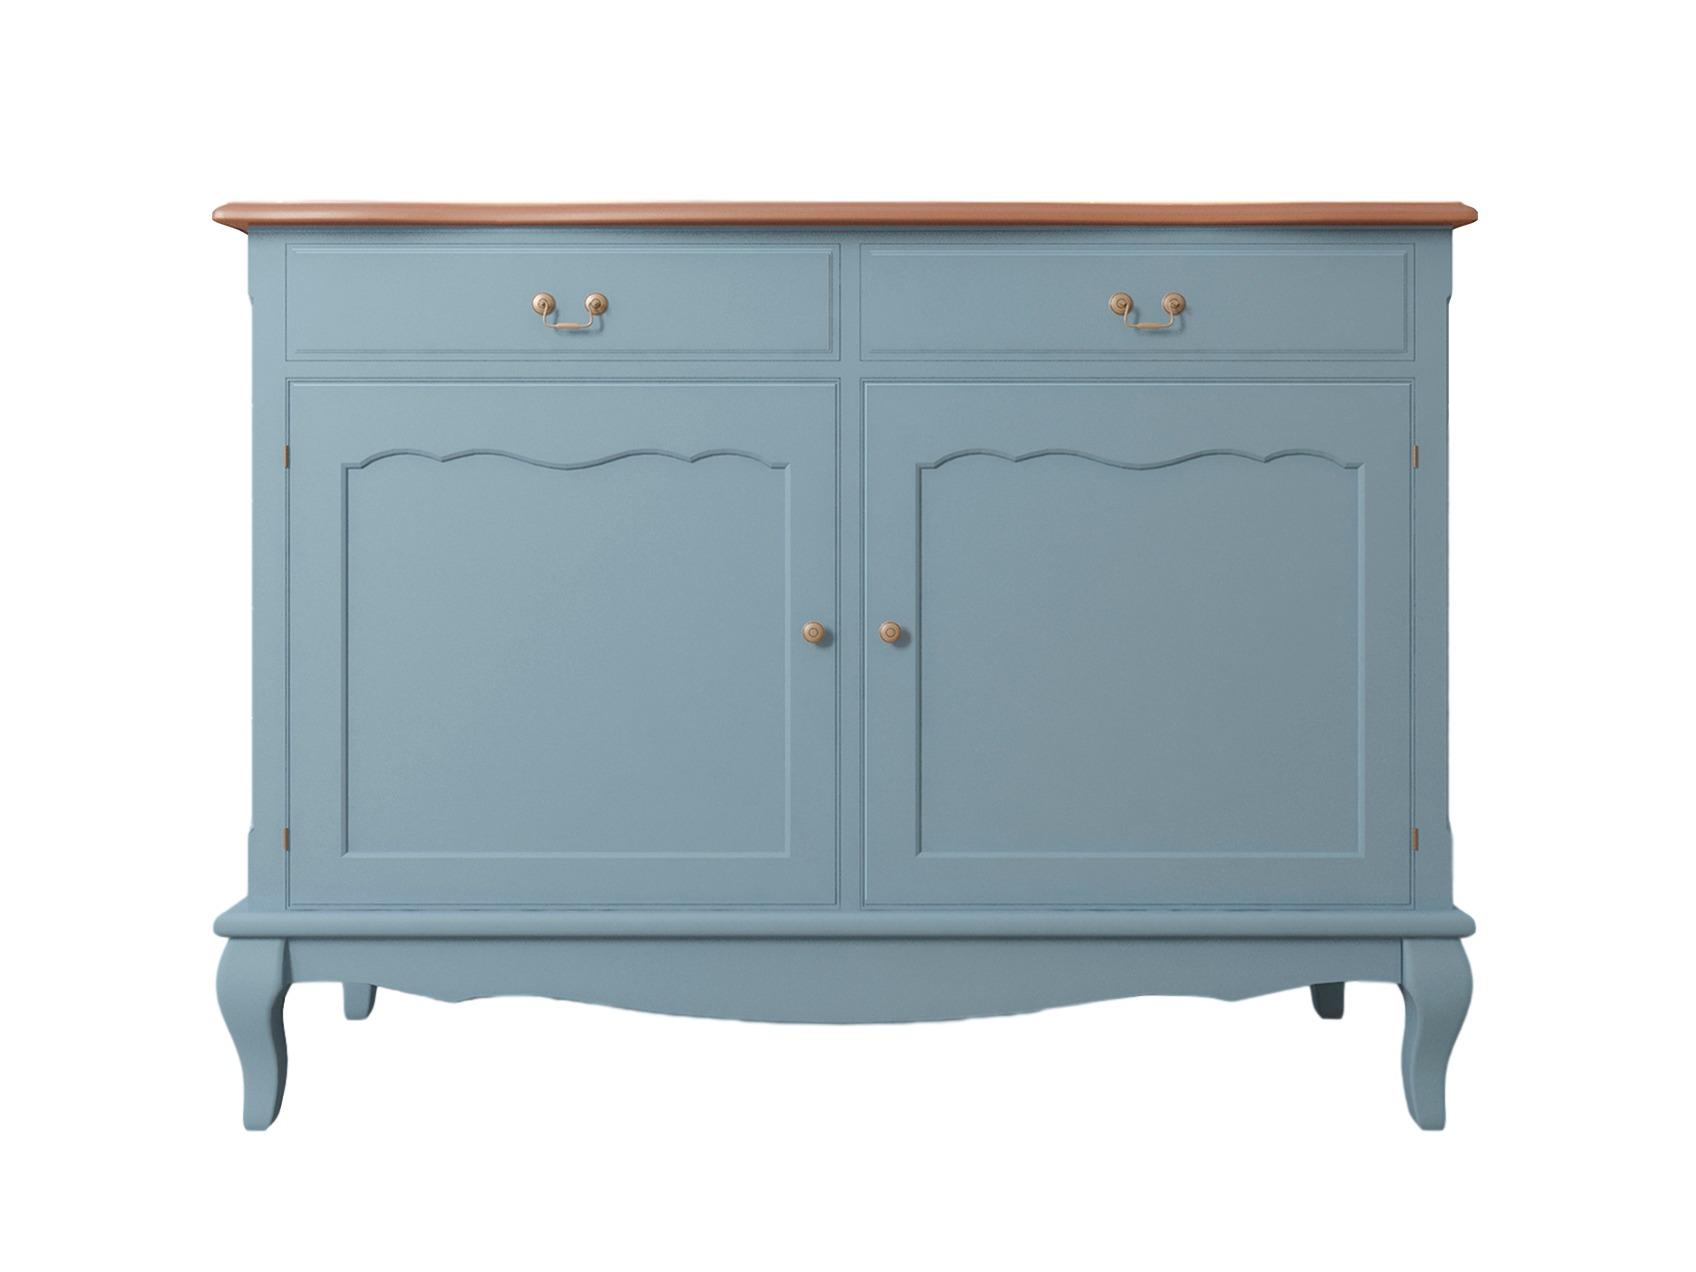 """Купить Тумба """"leontina""""  (Etg-home) голубой береза 123x91x42 см. 64415 в интернет магазине. Цены, фото, описания, характеристики, отзывы, обзоры"""